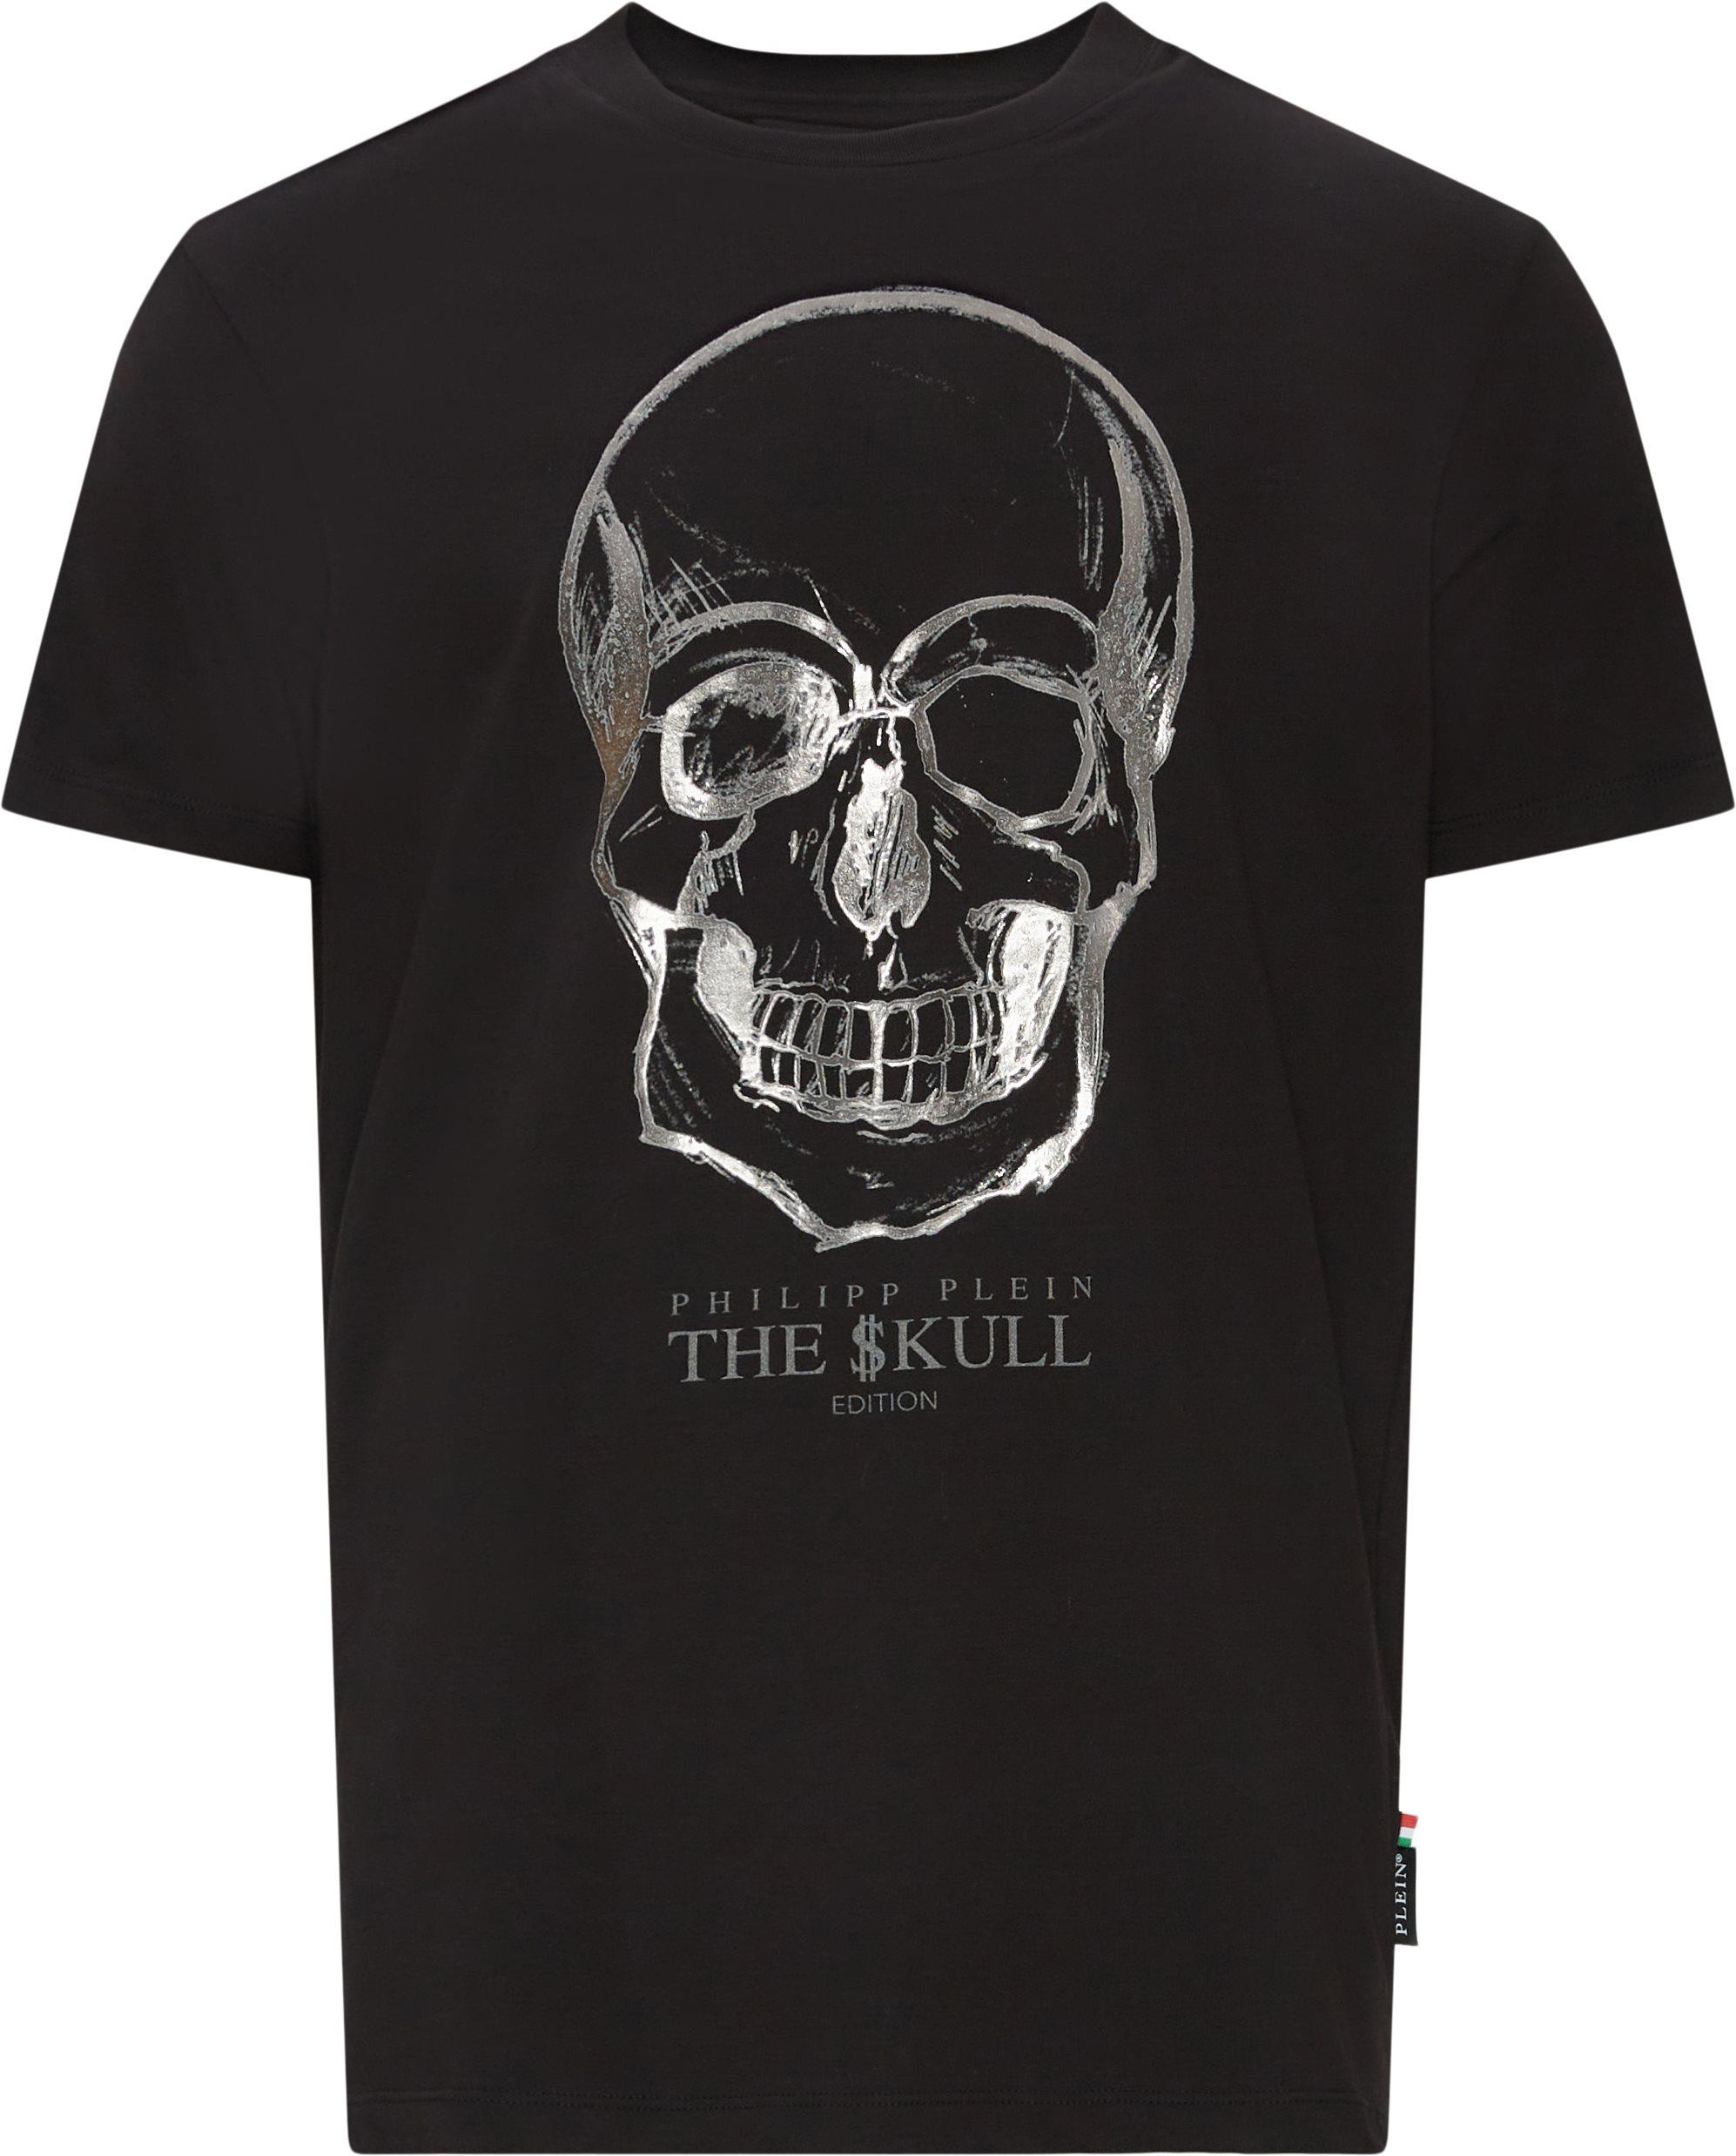 Skull Tee - T-shirts - Regular fit - Sort